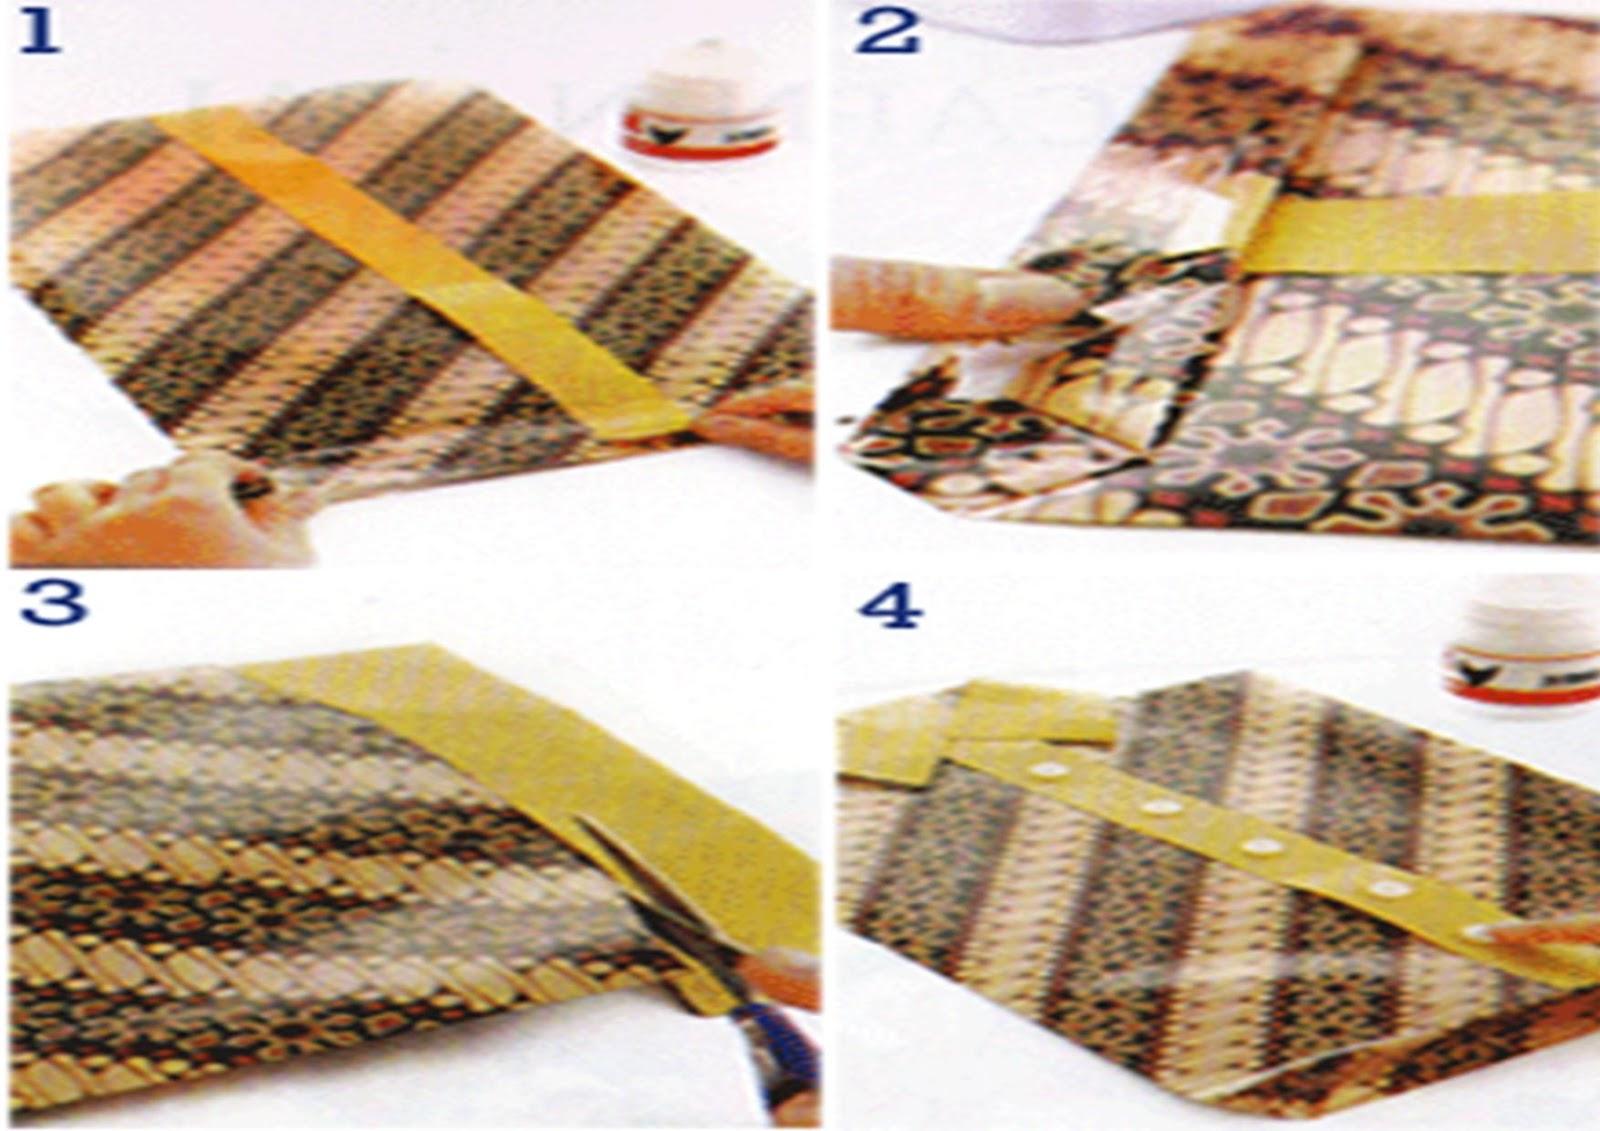 kreasiku  Cara Membuat Kado Bentuk Kemeja dengan Motif Batik 6bacca5b3e